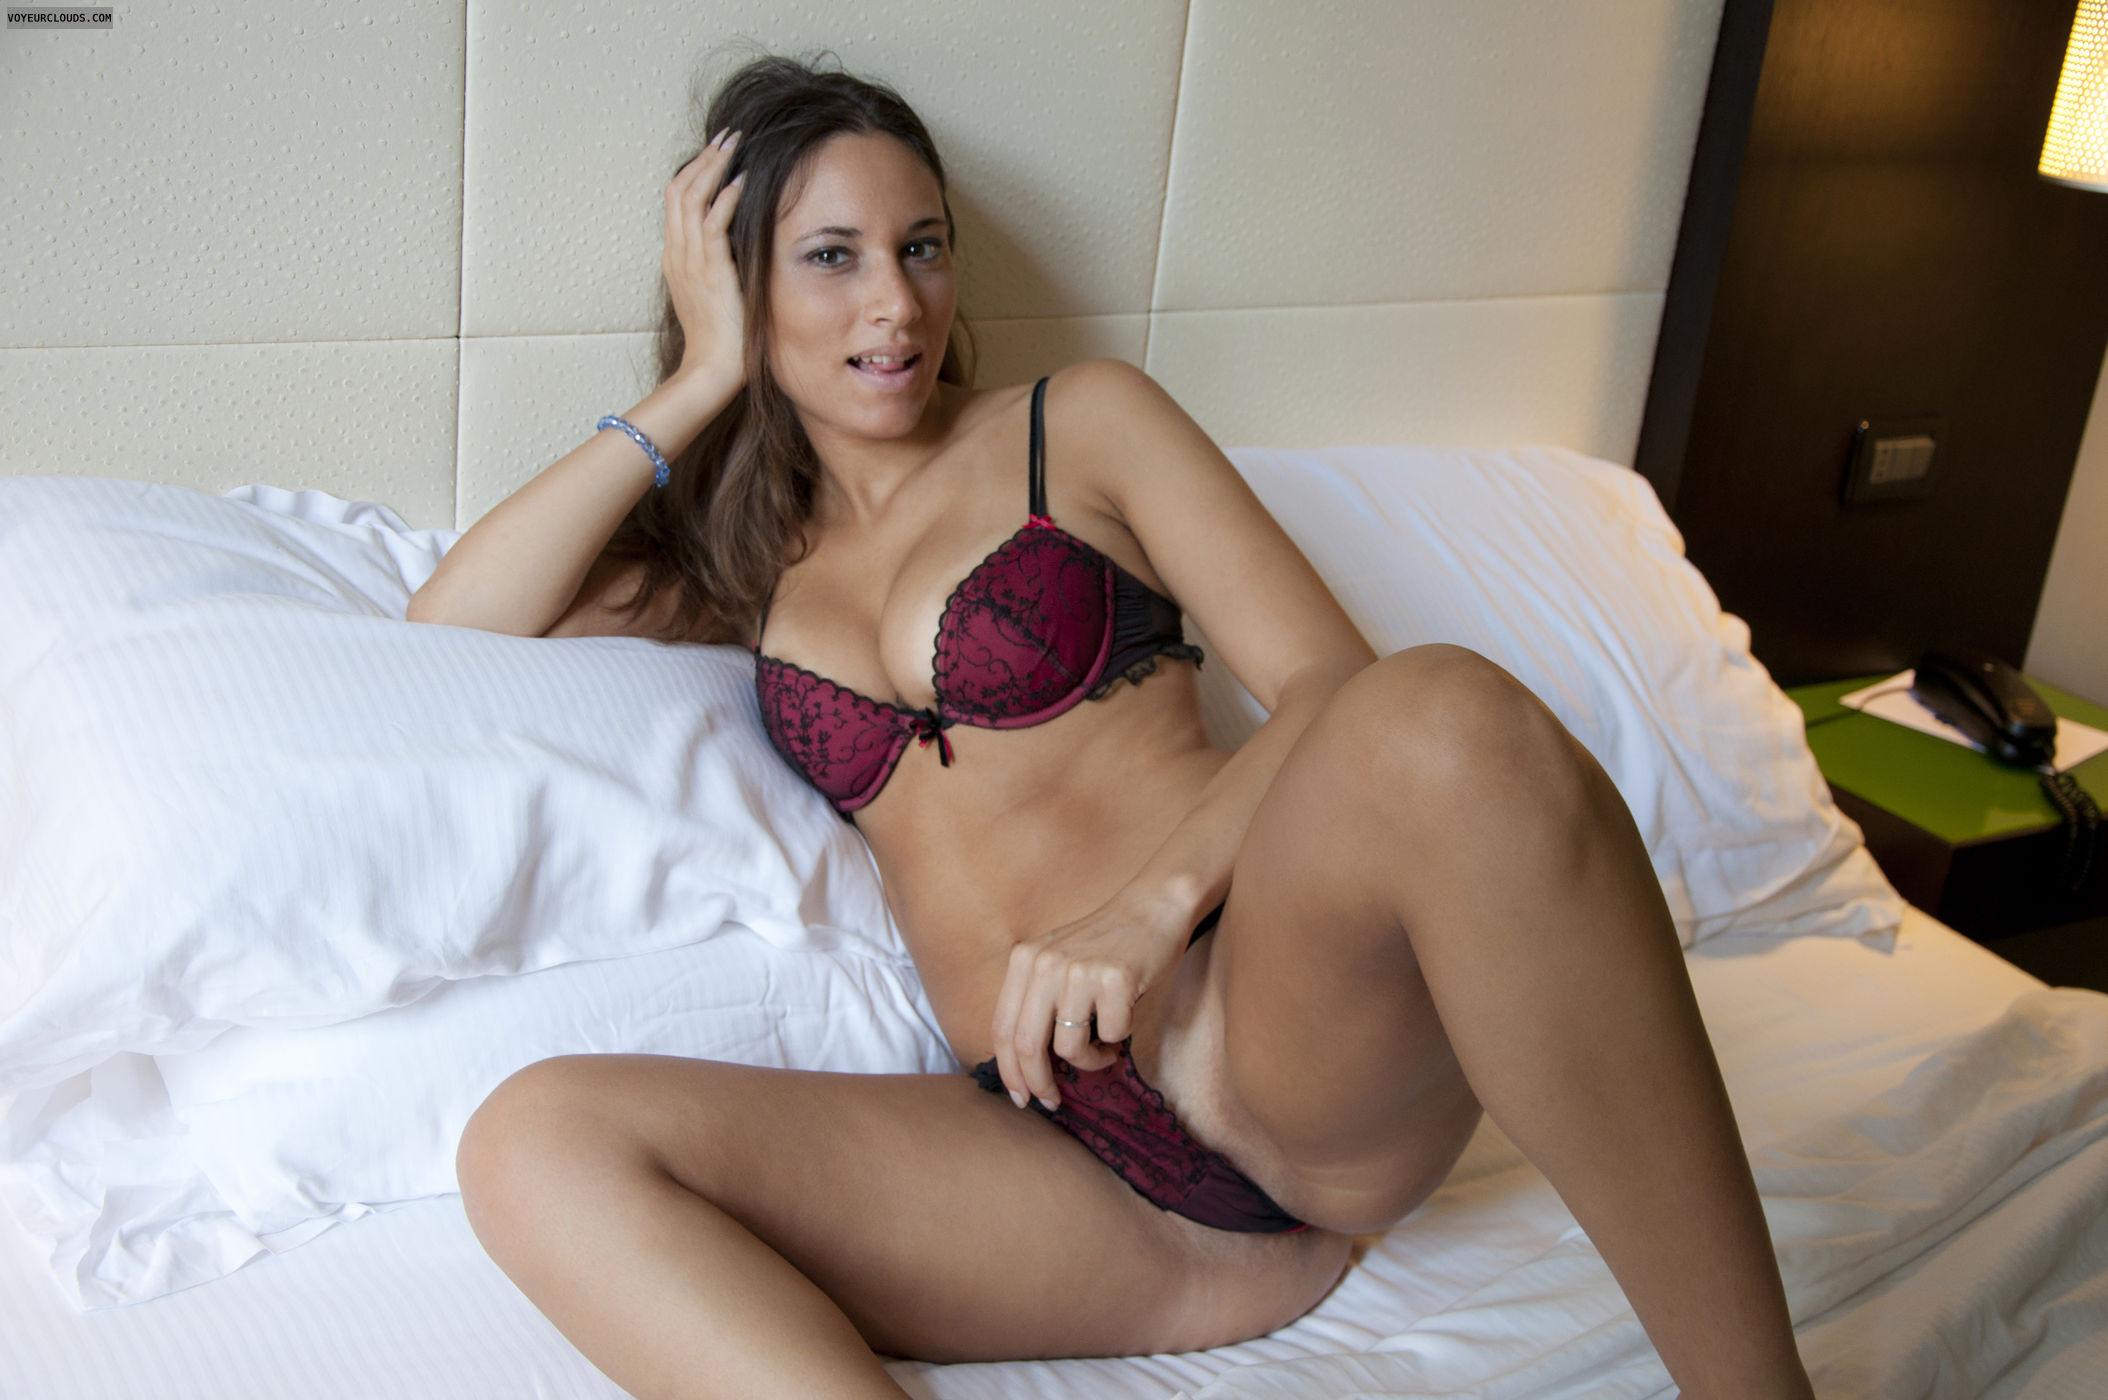 Foto Nude Italiane amateur italian girl nude - hot nude